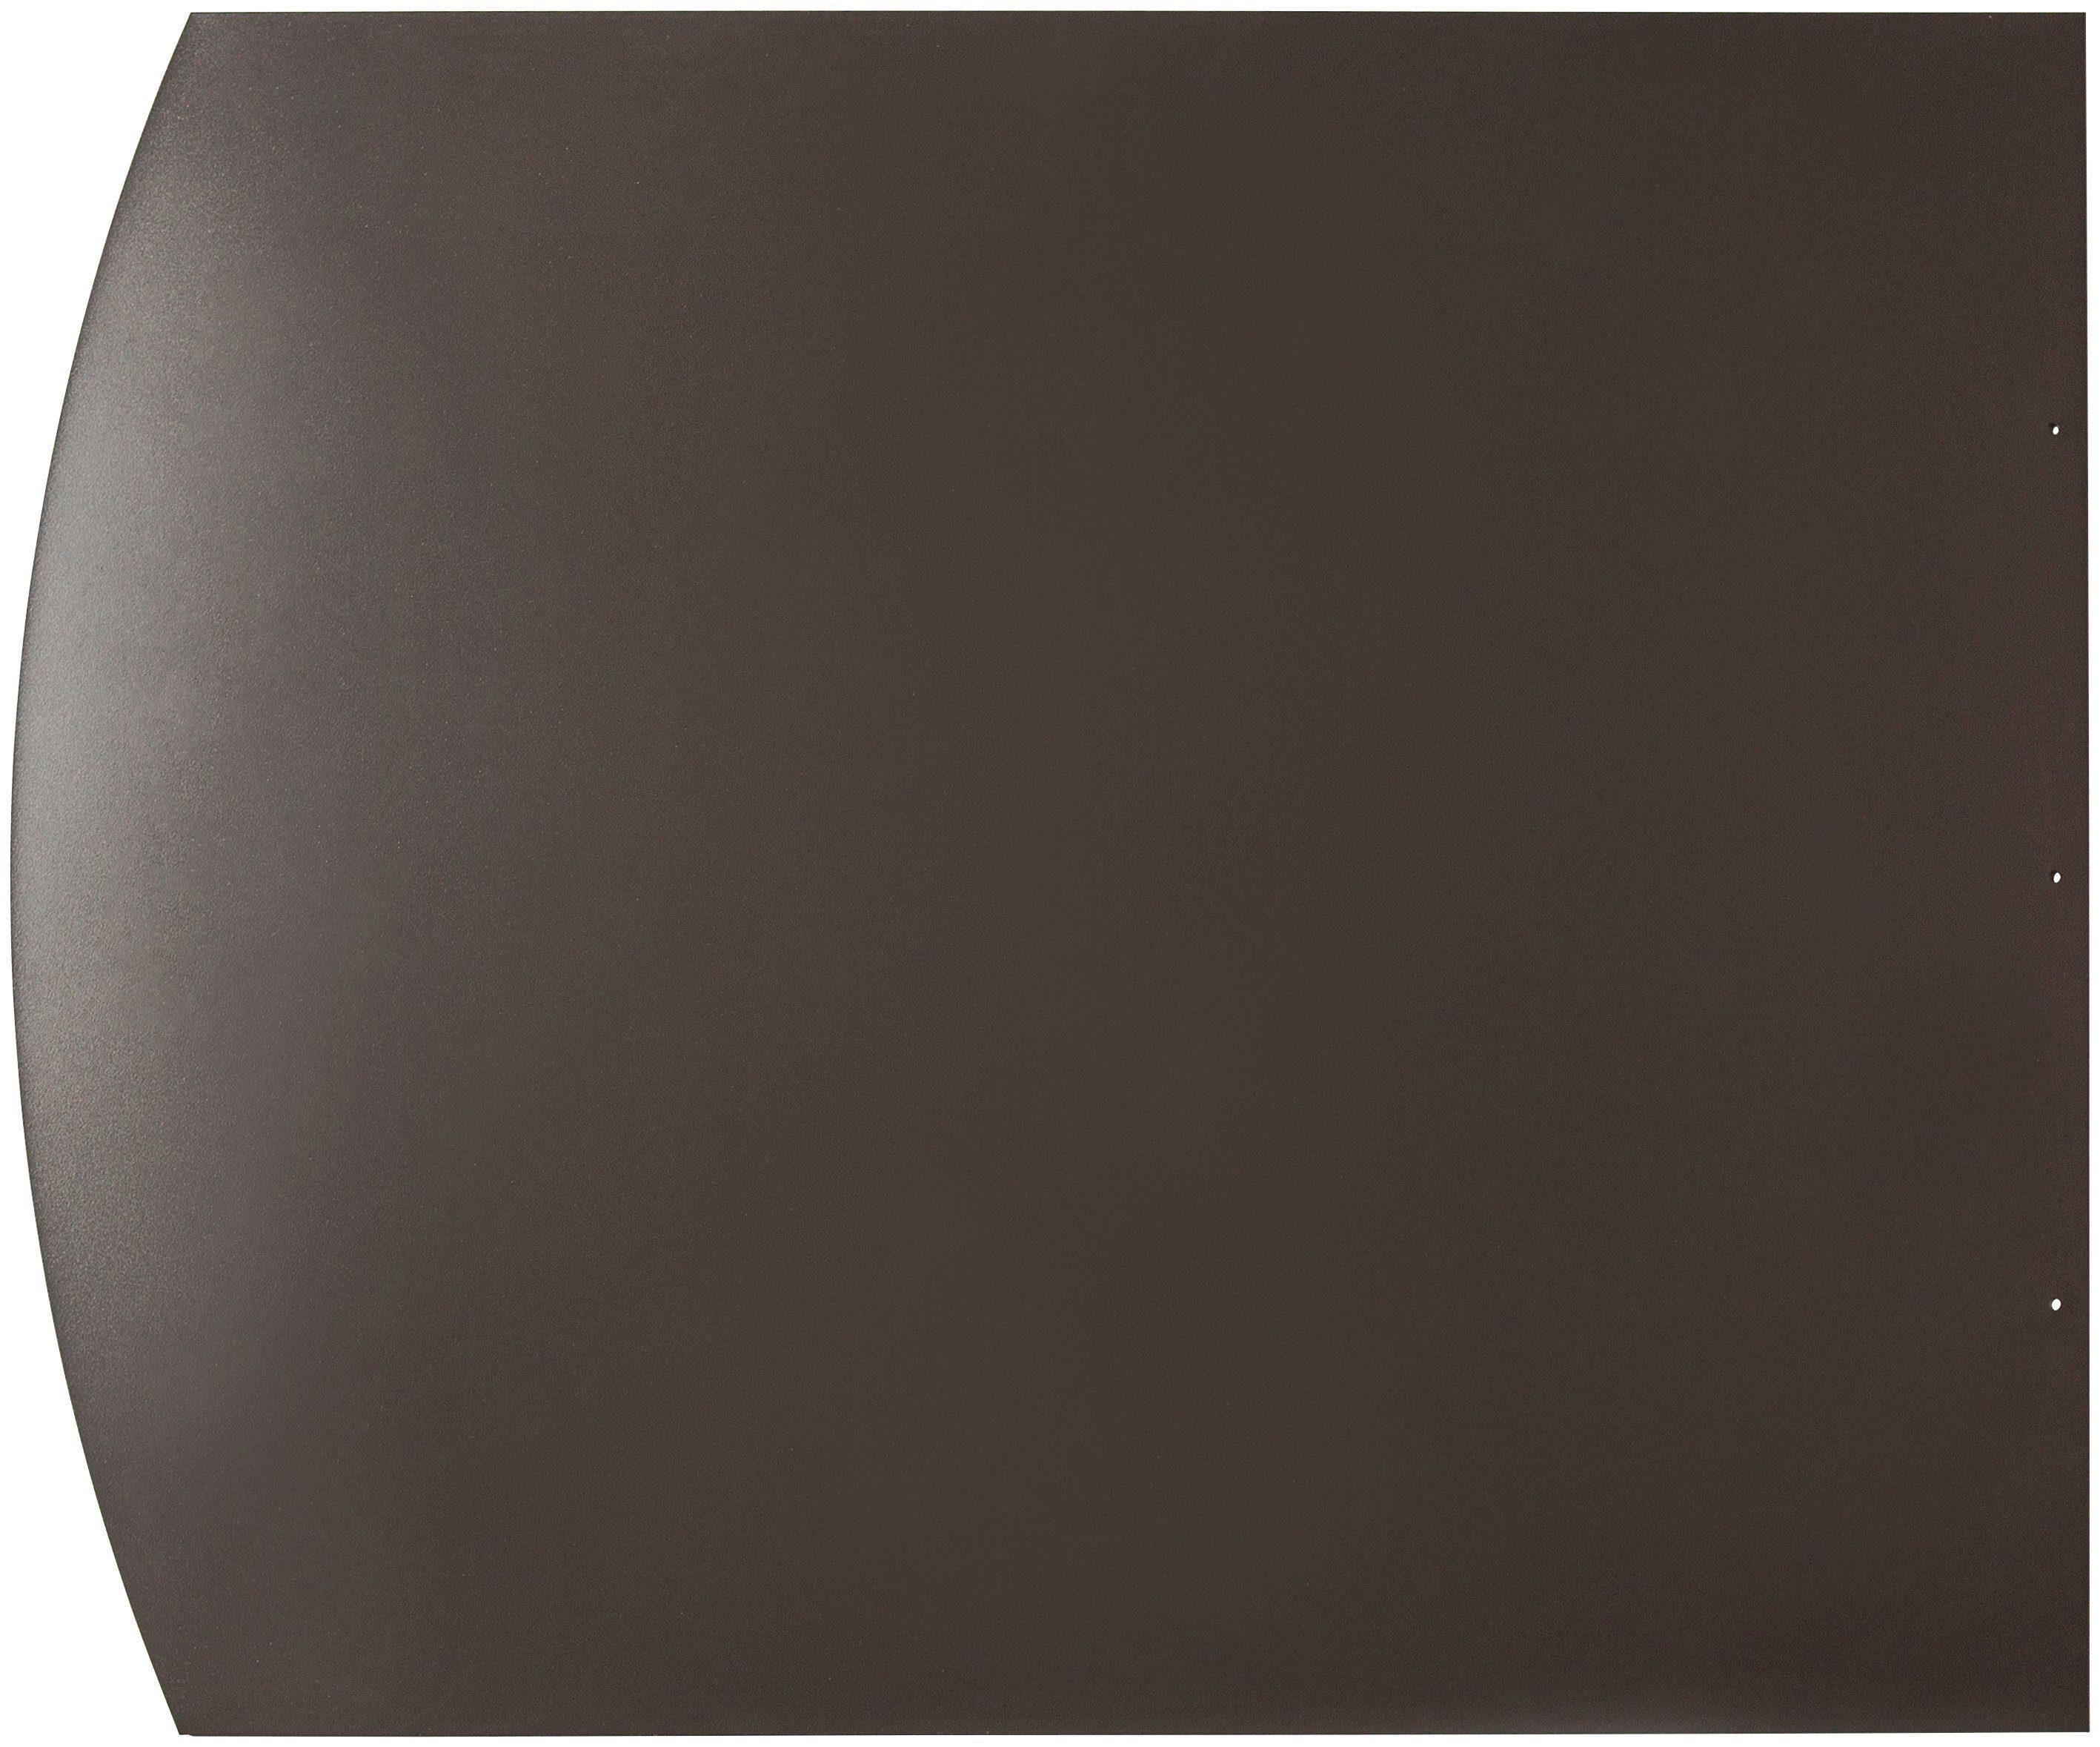 Scandia Stahlbodenplatte »Segmentbogen«, 100 x 80 cm, grau, zum Funkenschutz